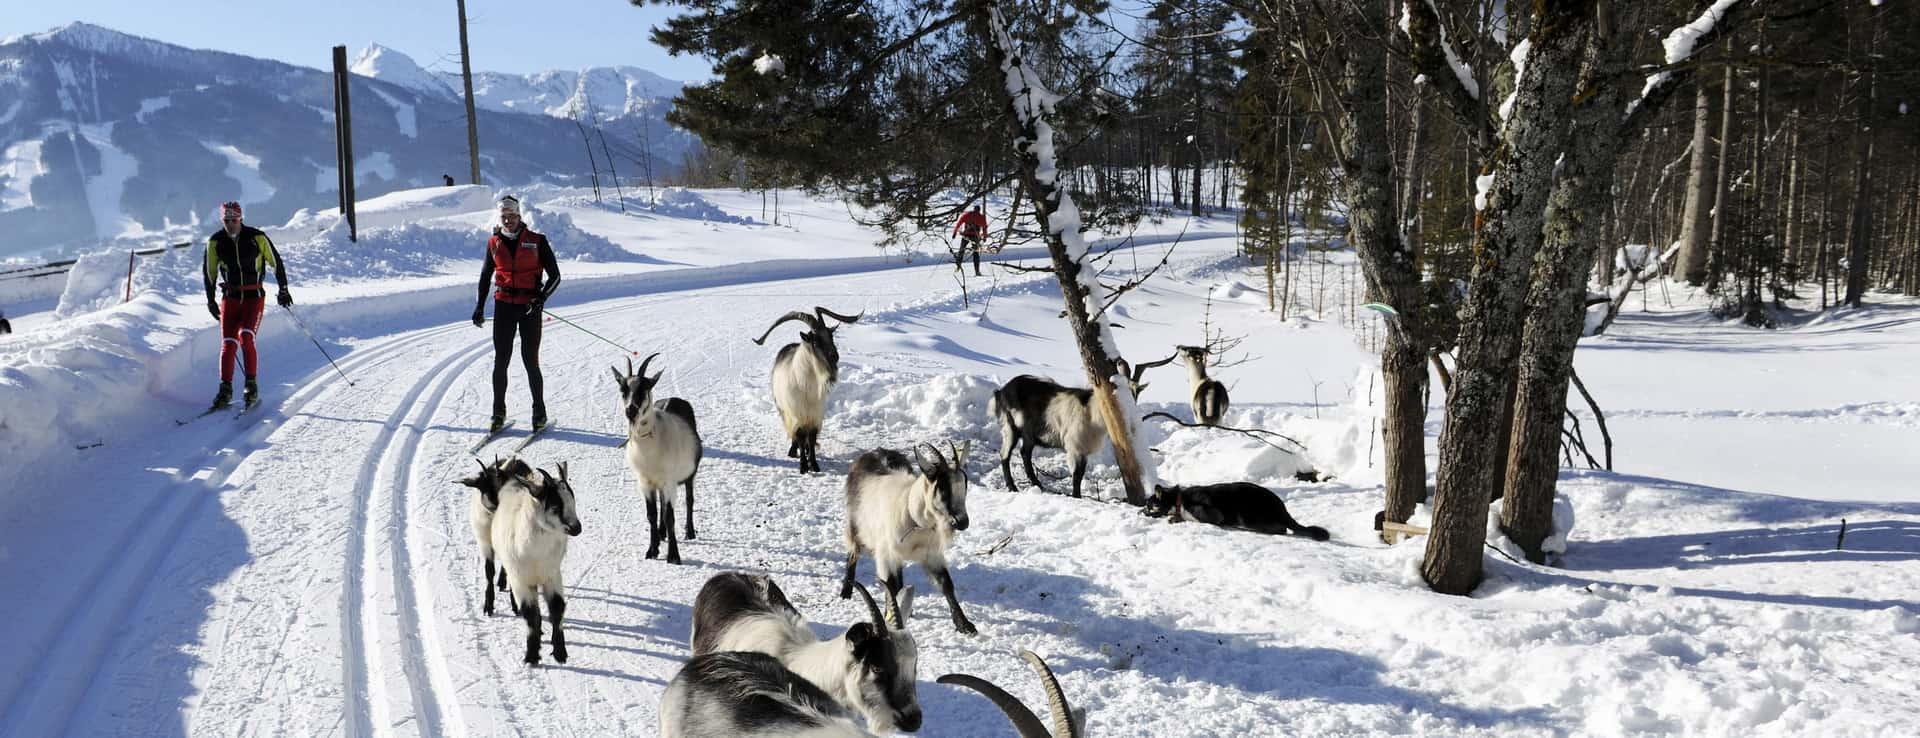 längdåkning skidsemester Österrike spår